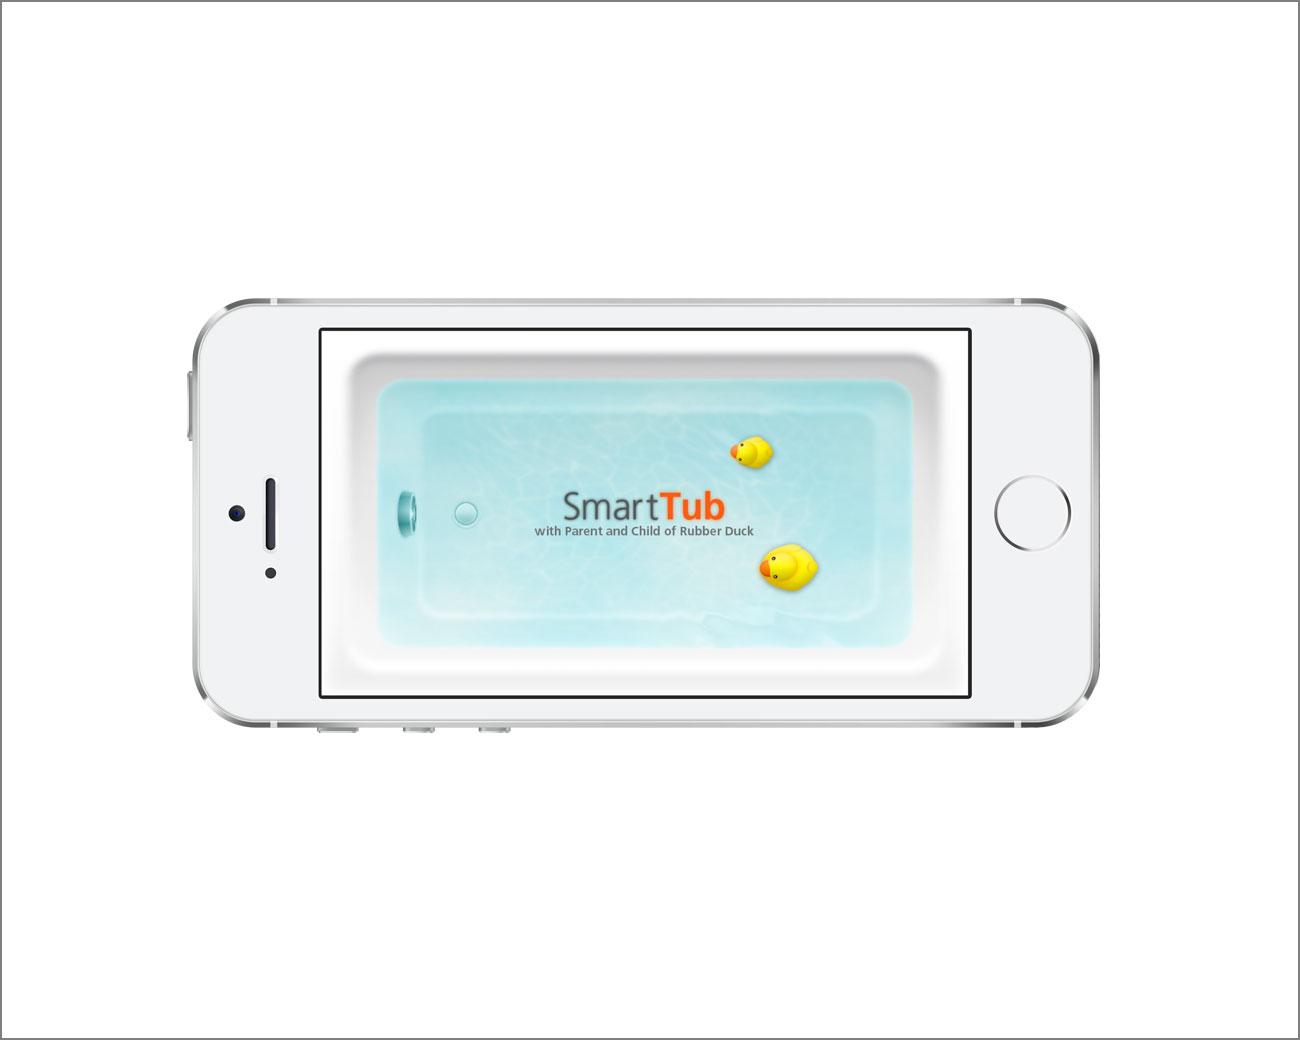 SmartTubアプリ iPhone用起動画面